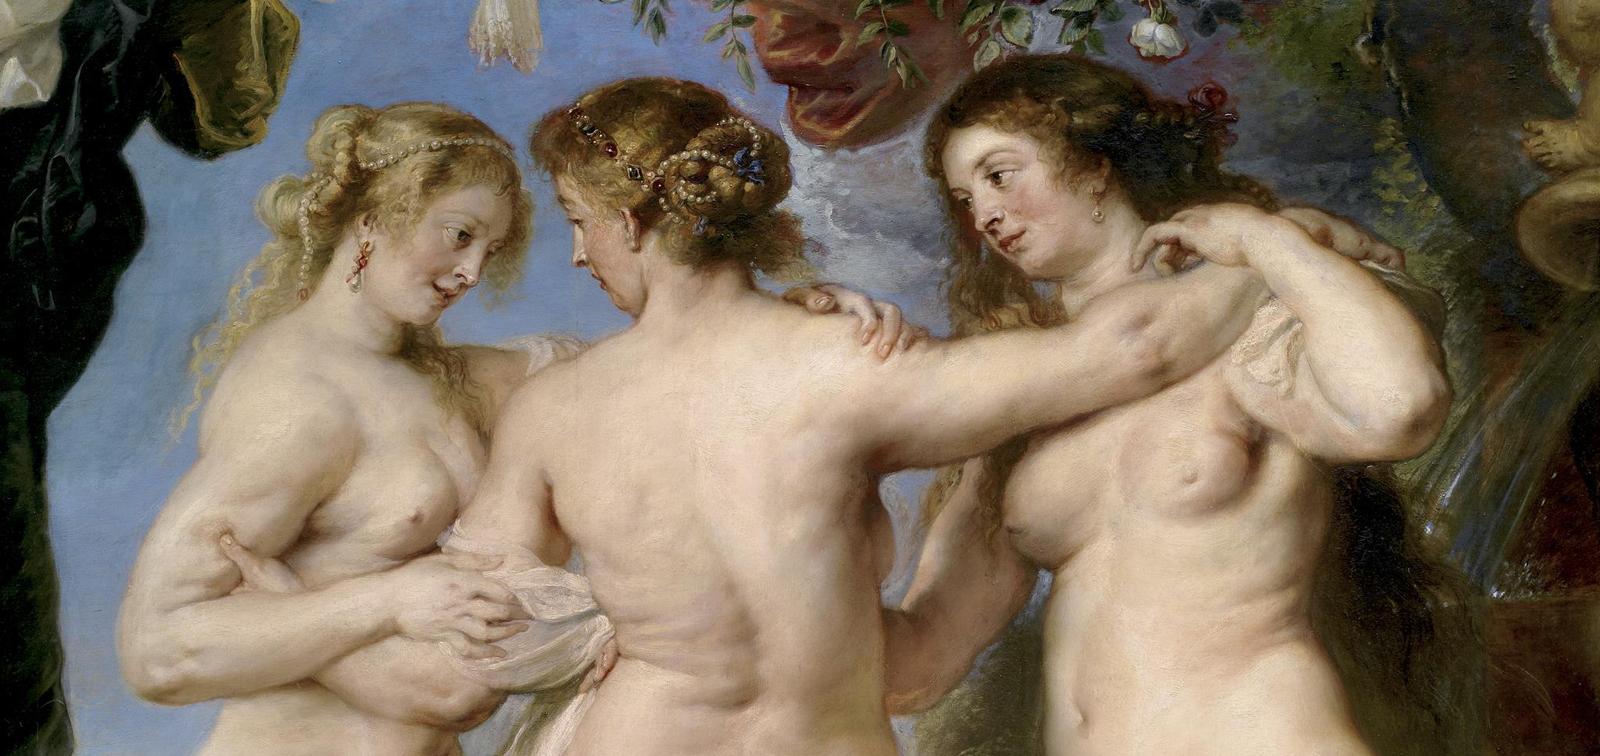 Exposición didáctica: El Museo del Prado en Lima